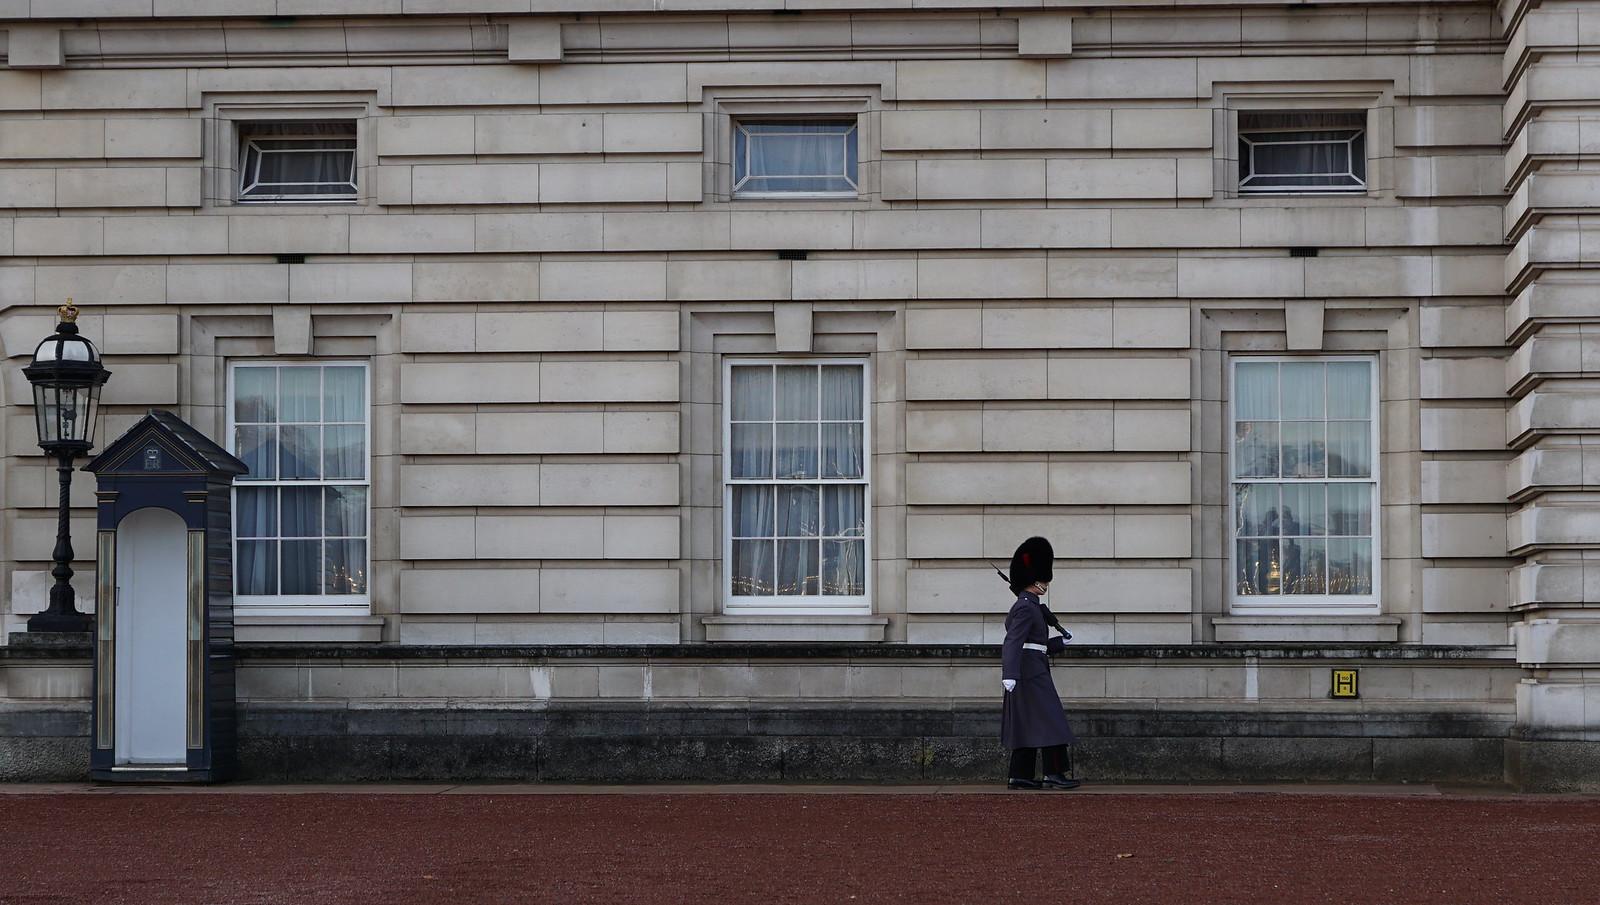 Londres por partes (I) en Nuestros reportajes39425623364_6b3602eb2d_h